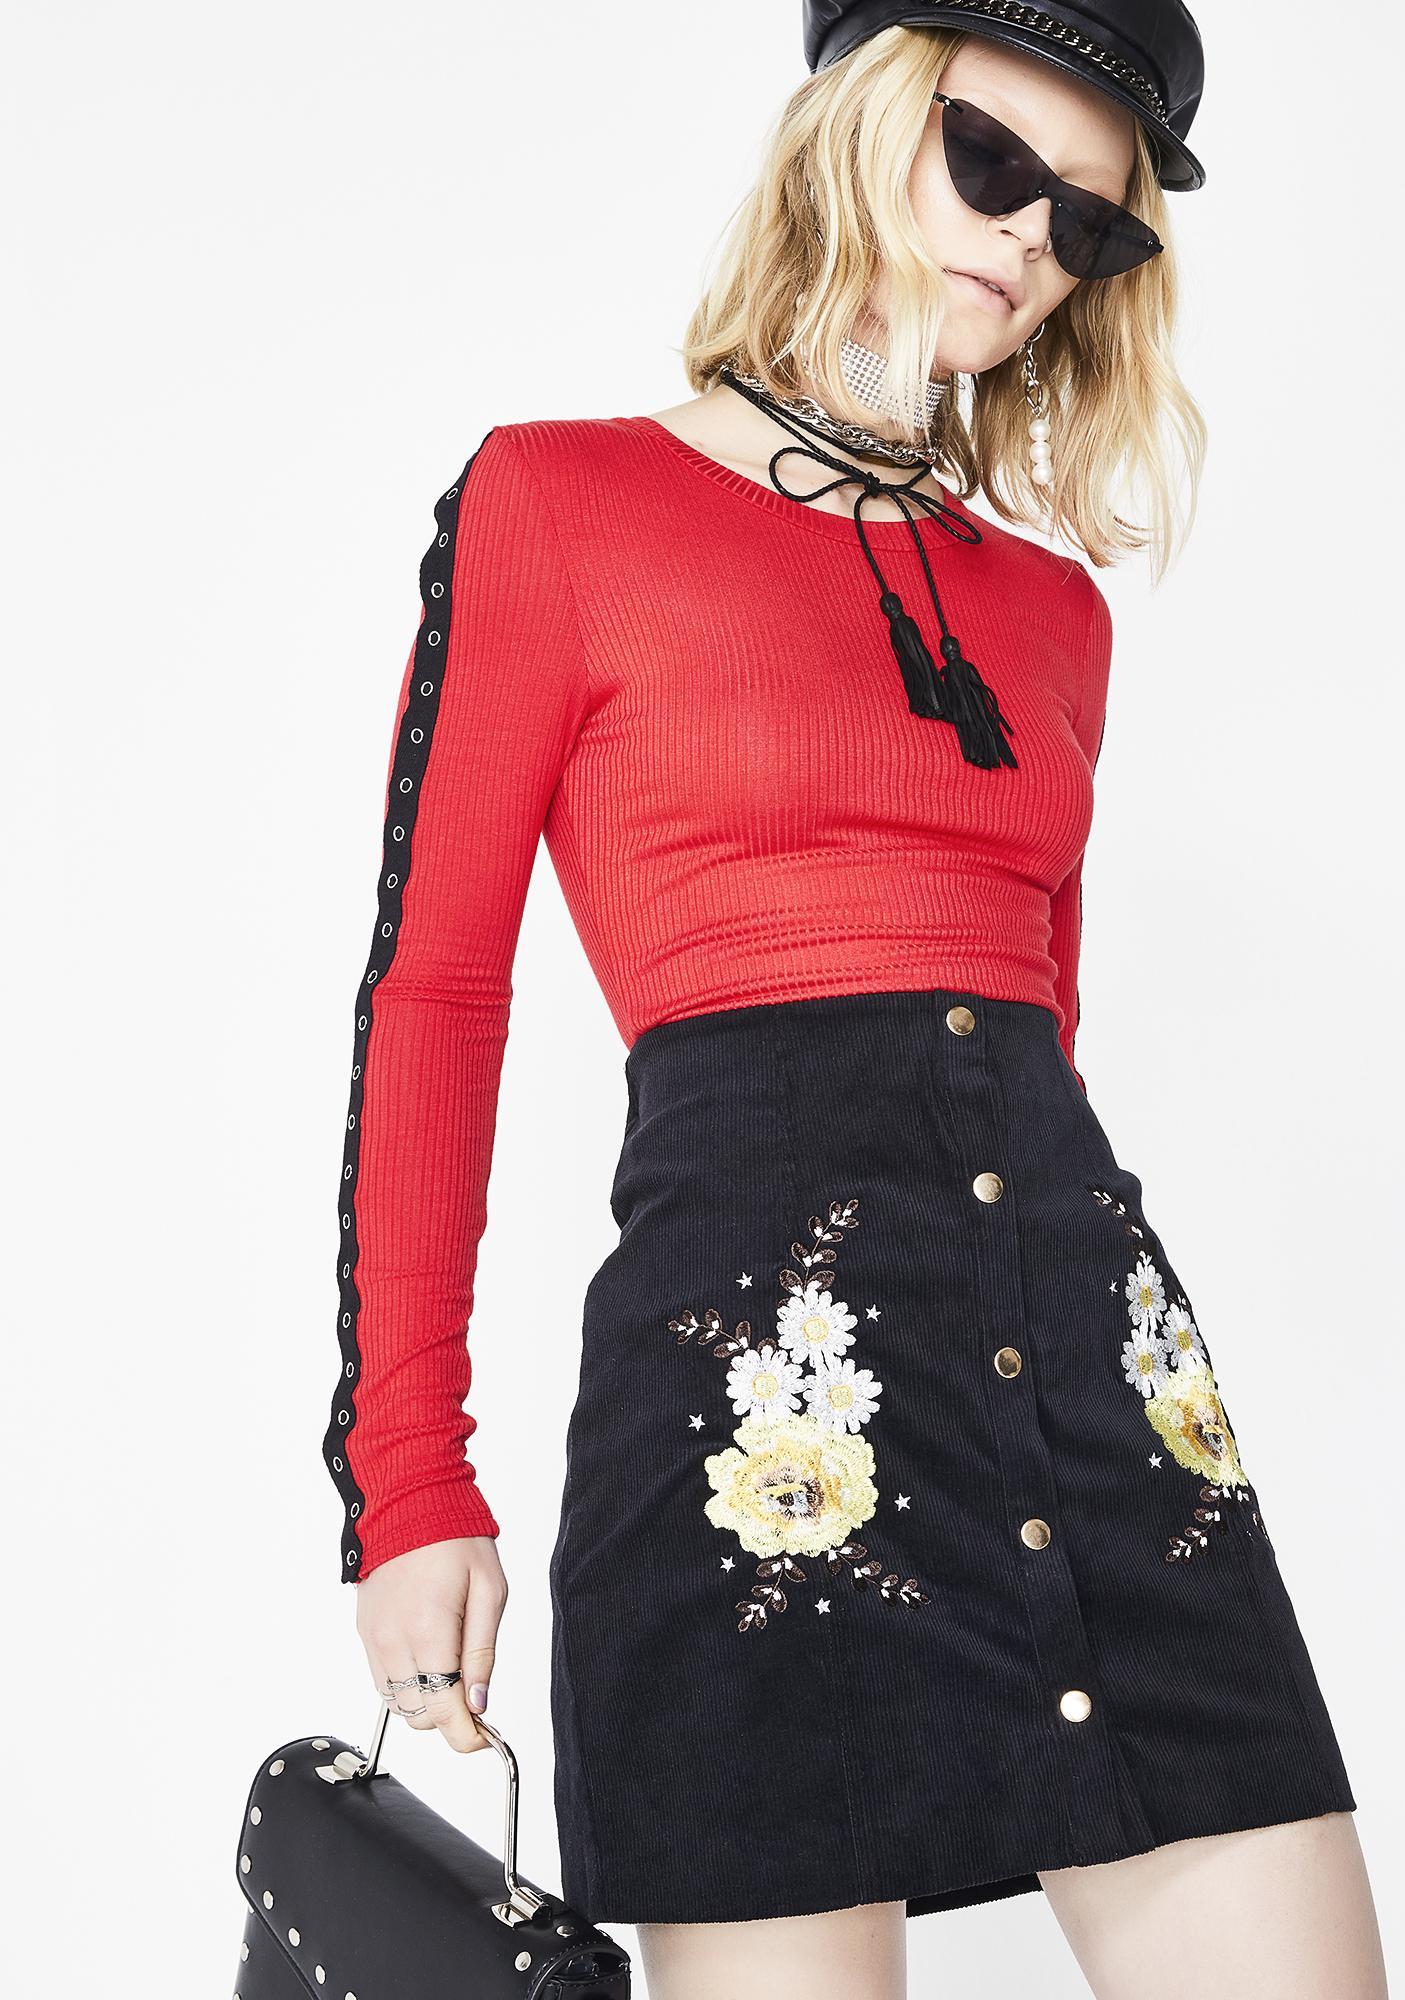 Glamorous Wanderlust Embroidered Skirt